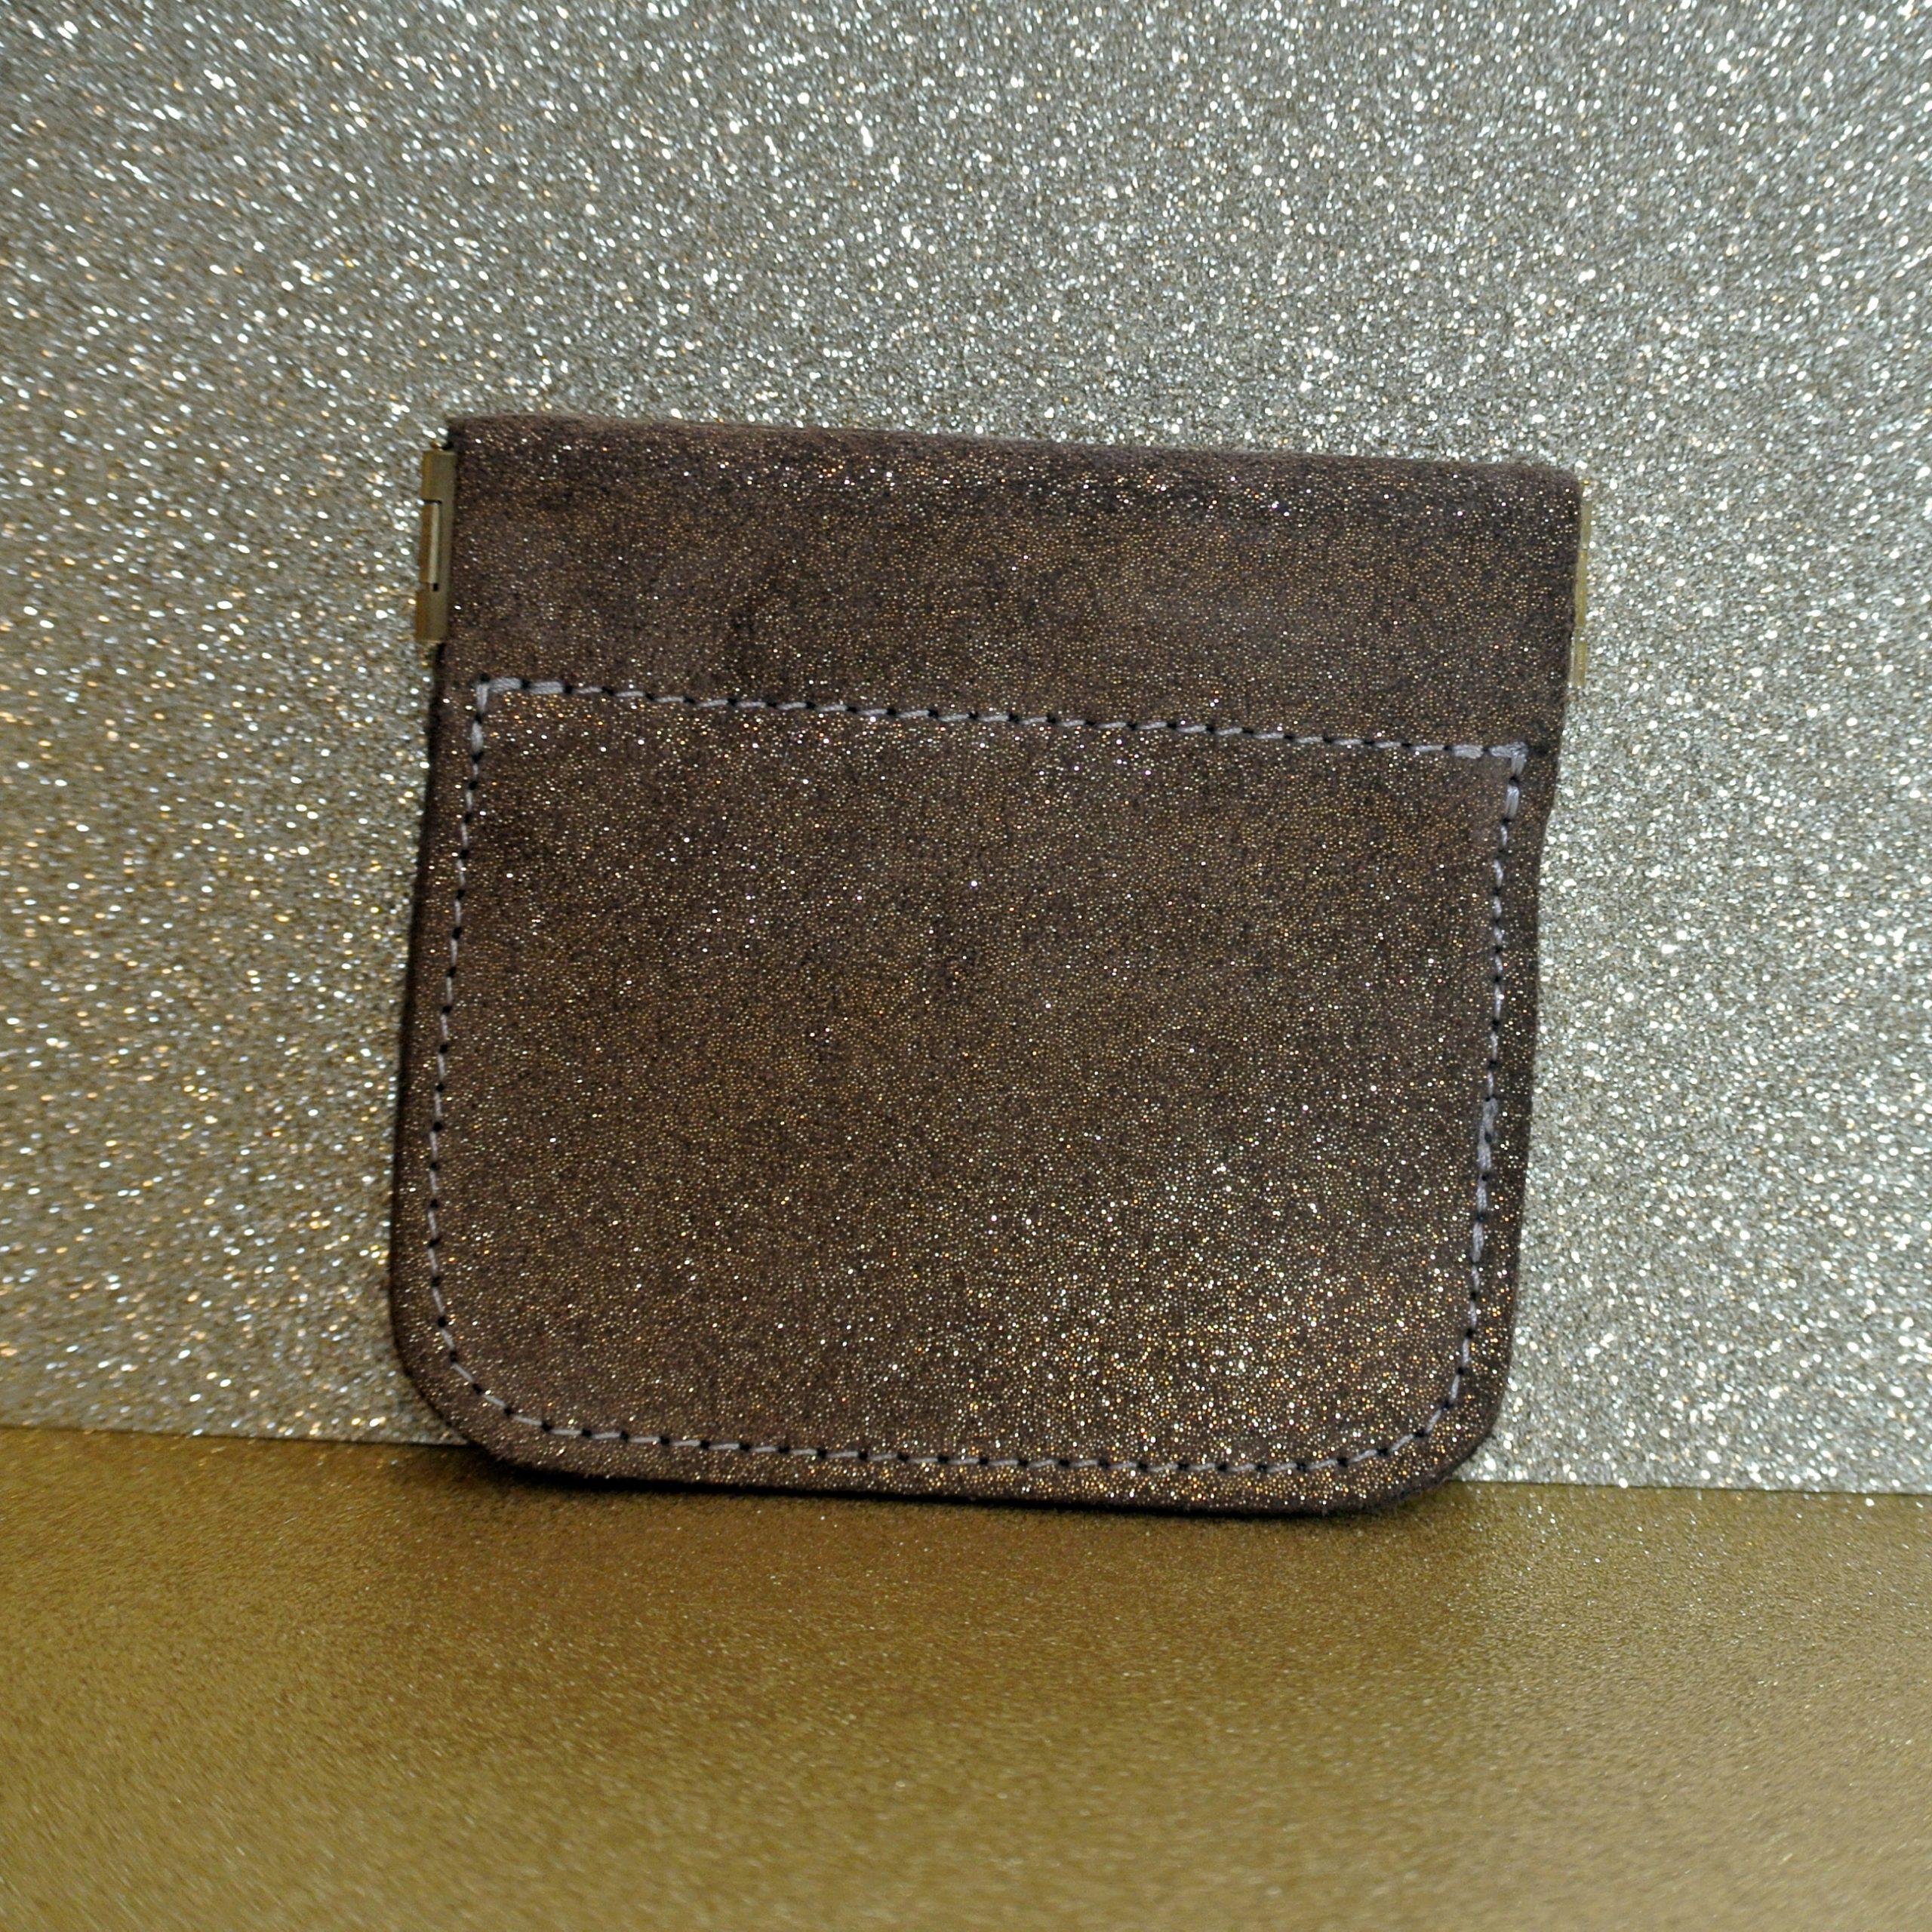 porte monnaie clic clac en cuir pailleté acajou doré